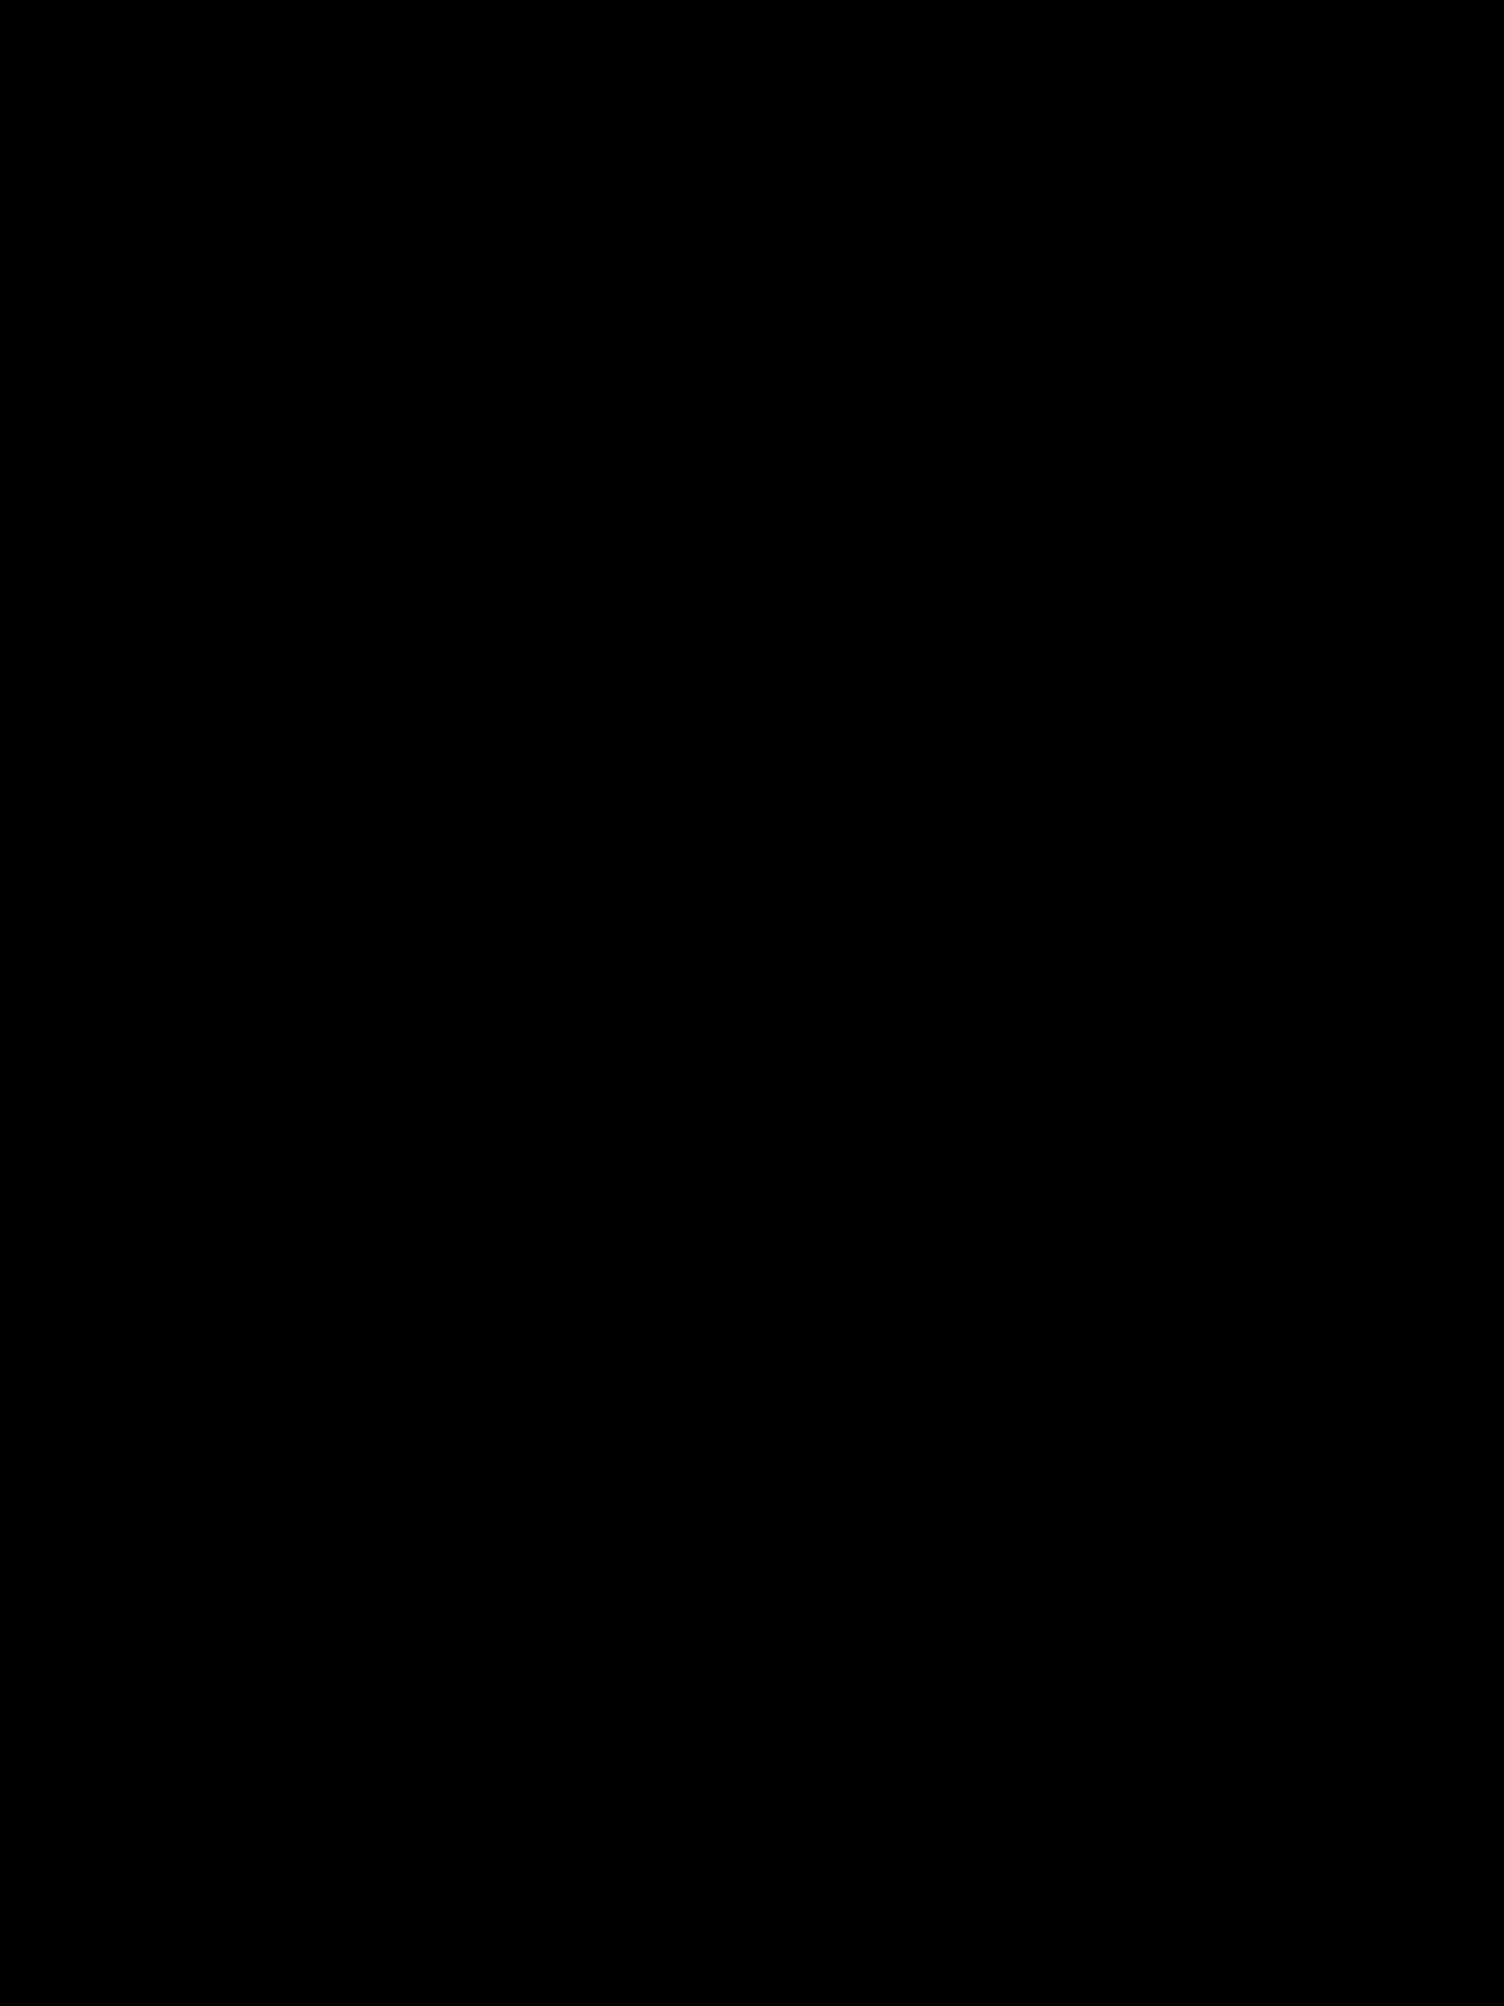 Mascarilla higiénica Reutilizable Mod. Patrulla Águila